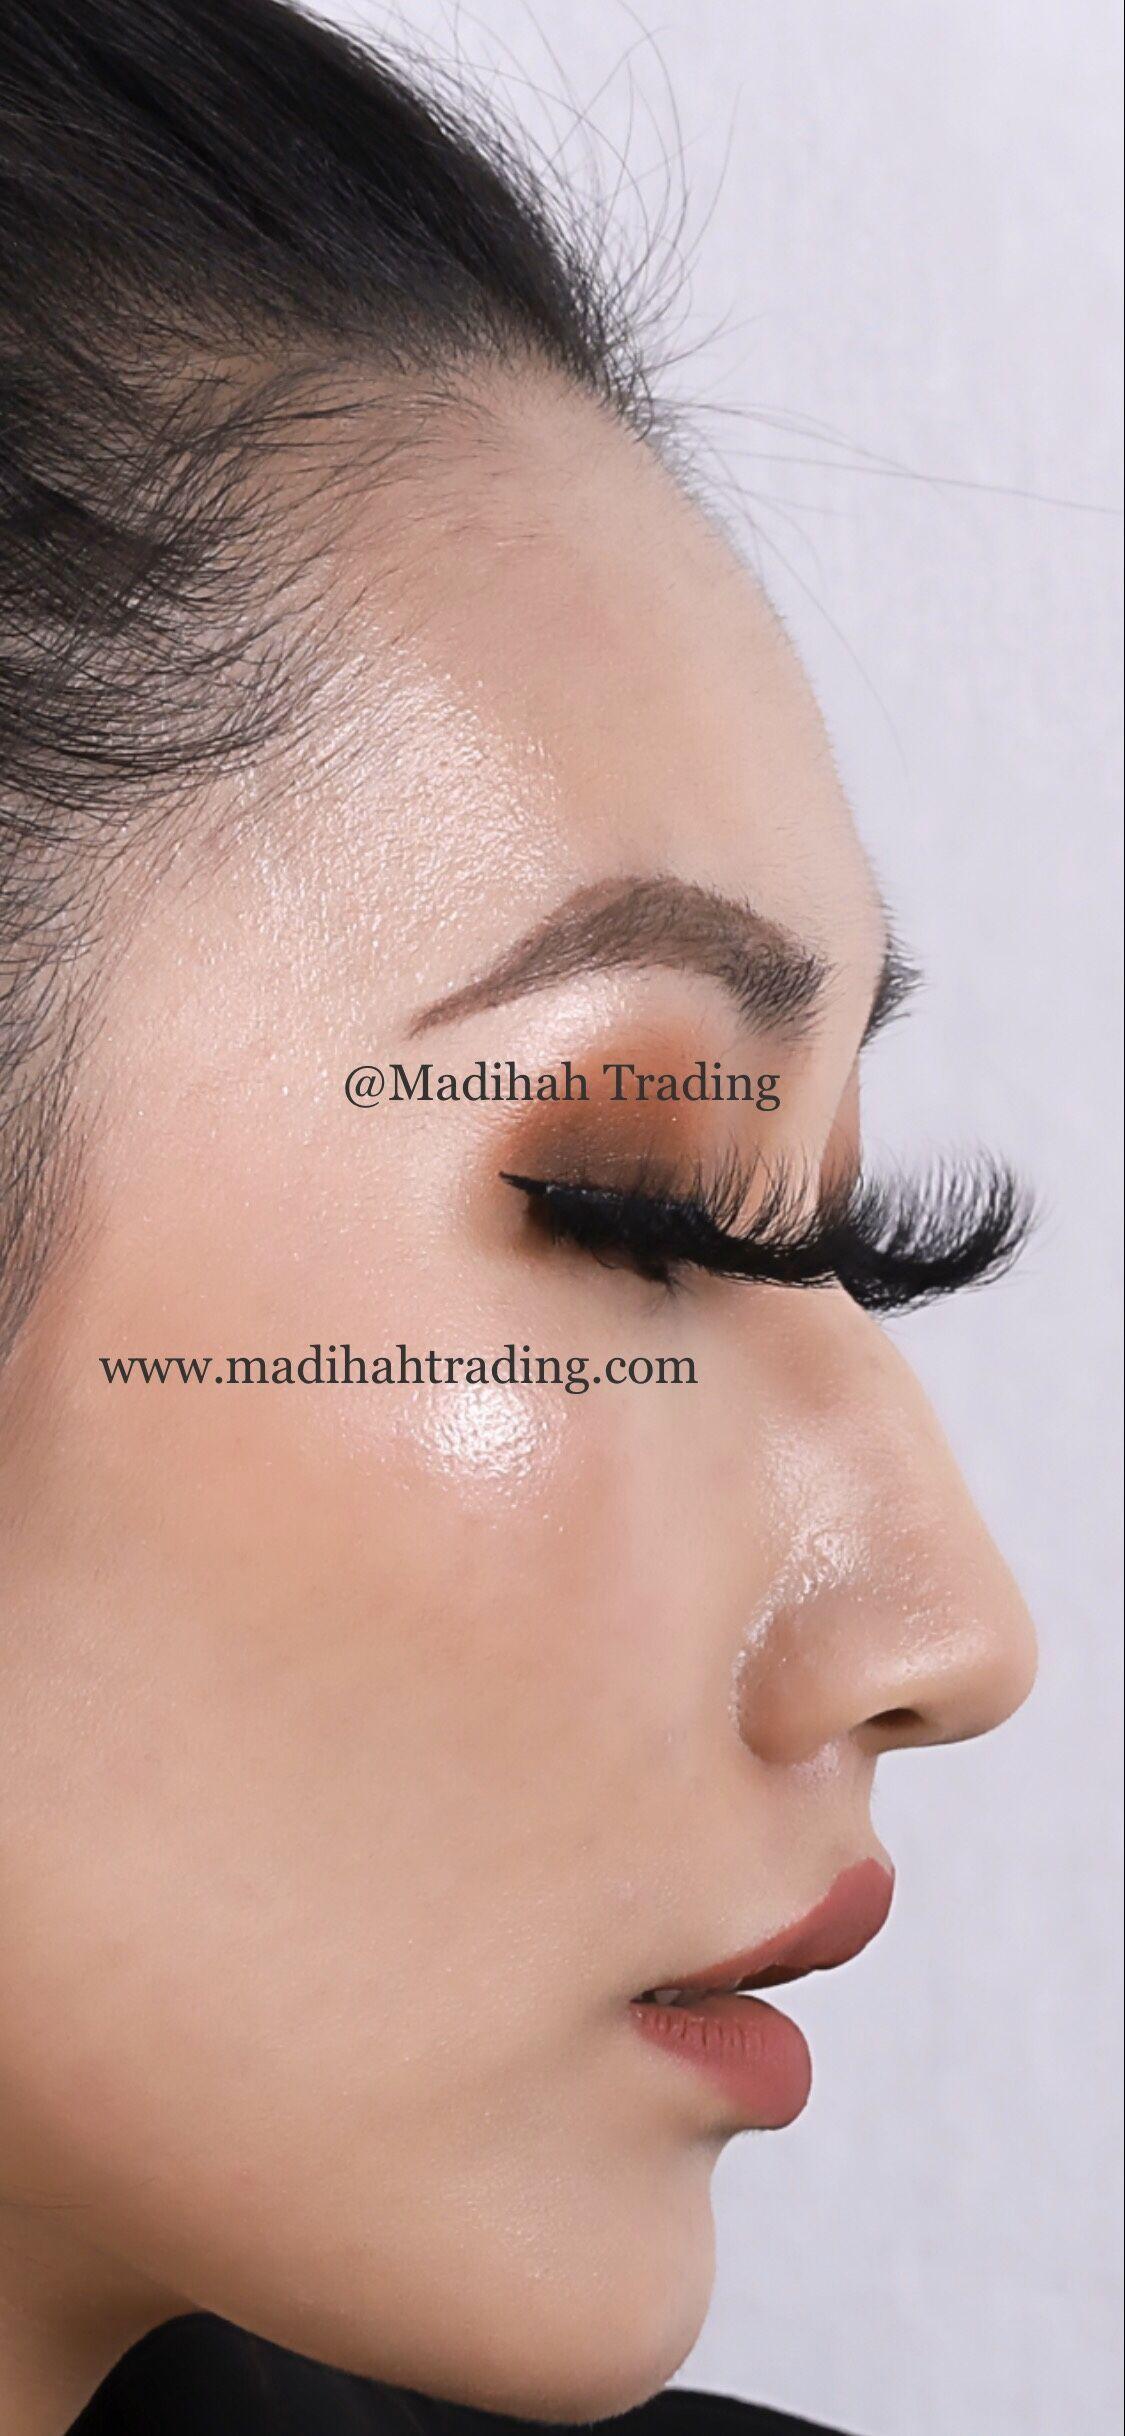 收藏到 Private Label Makeup Vendors Madihah Trading